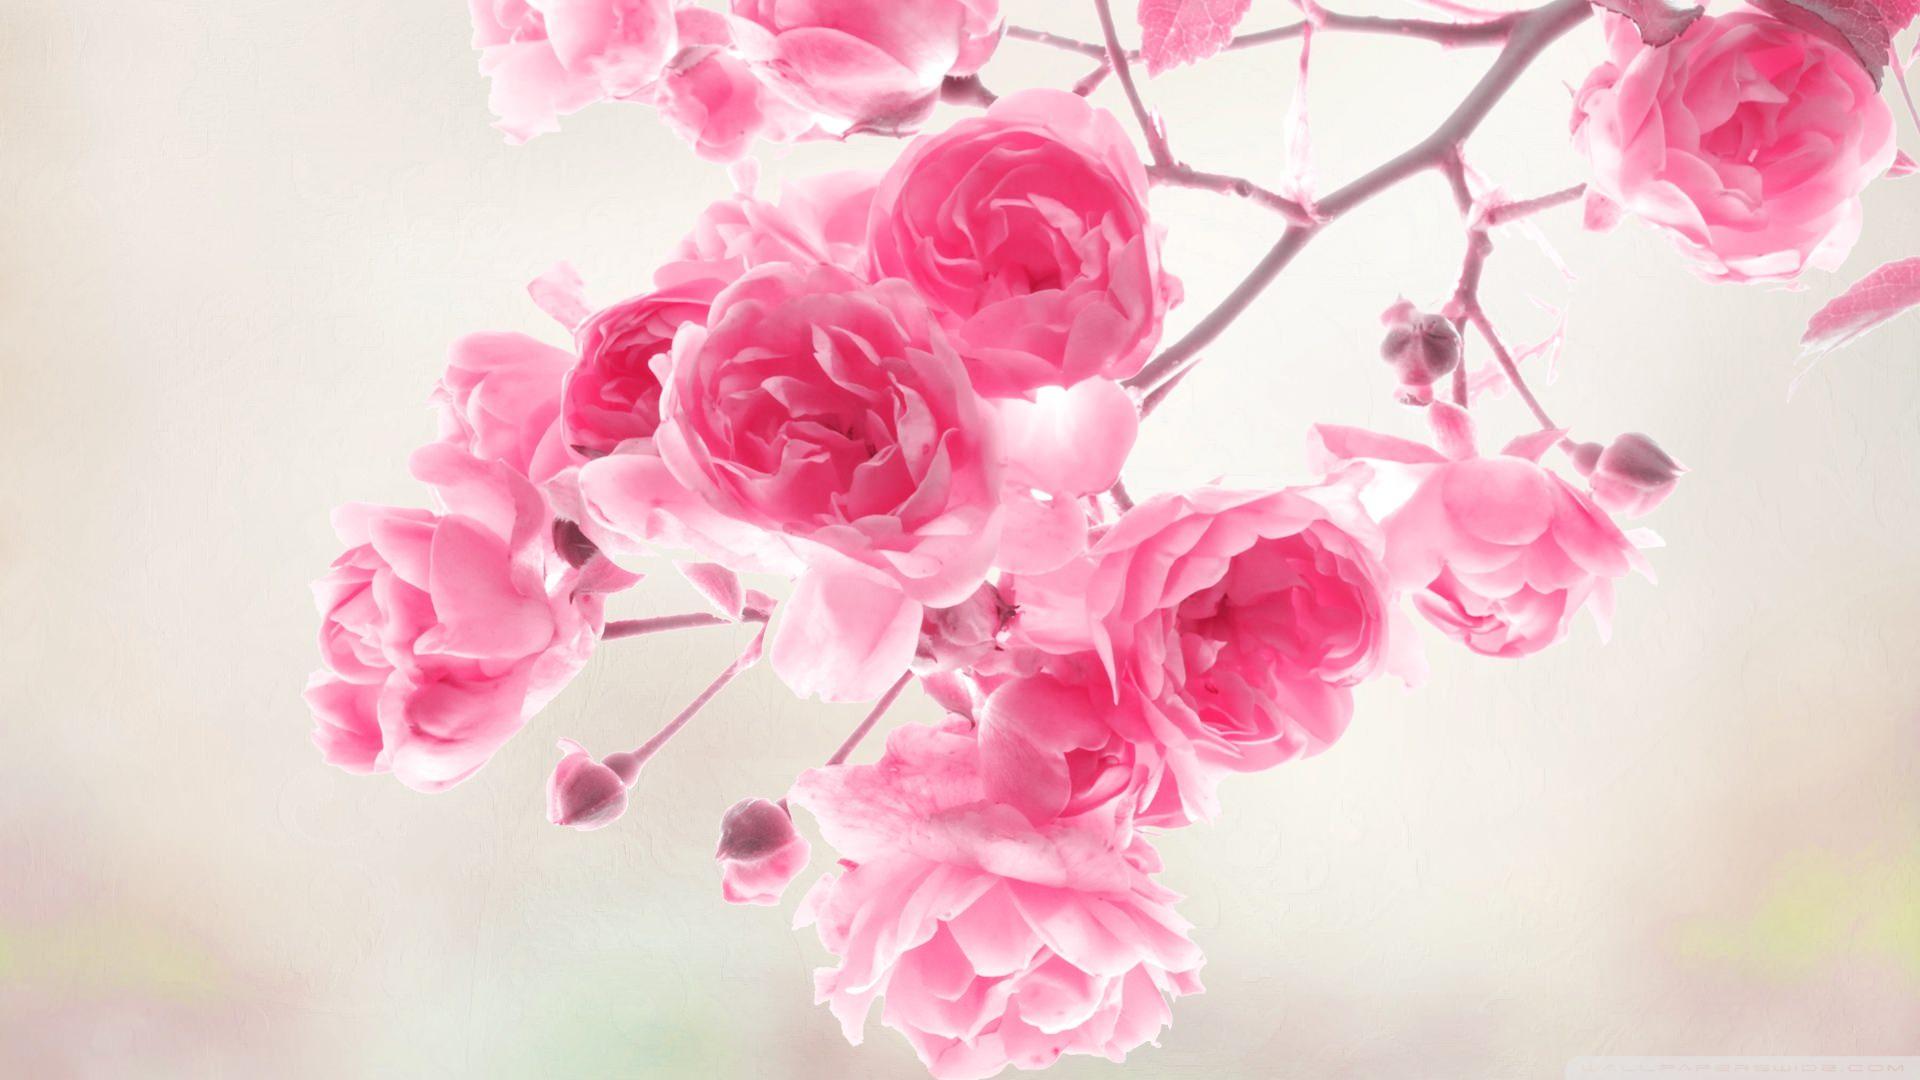 Pink Rose Vintage Wallpaper